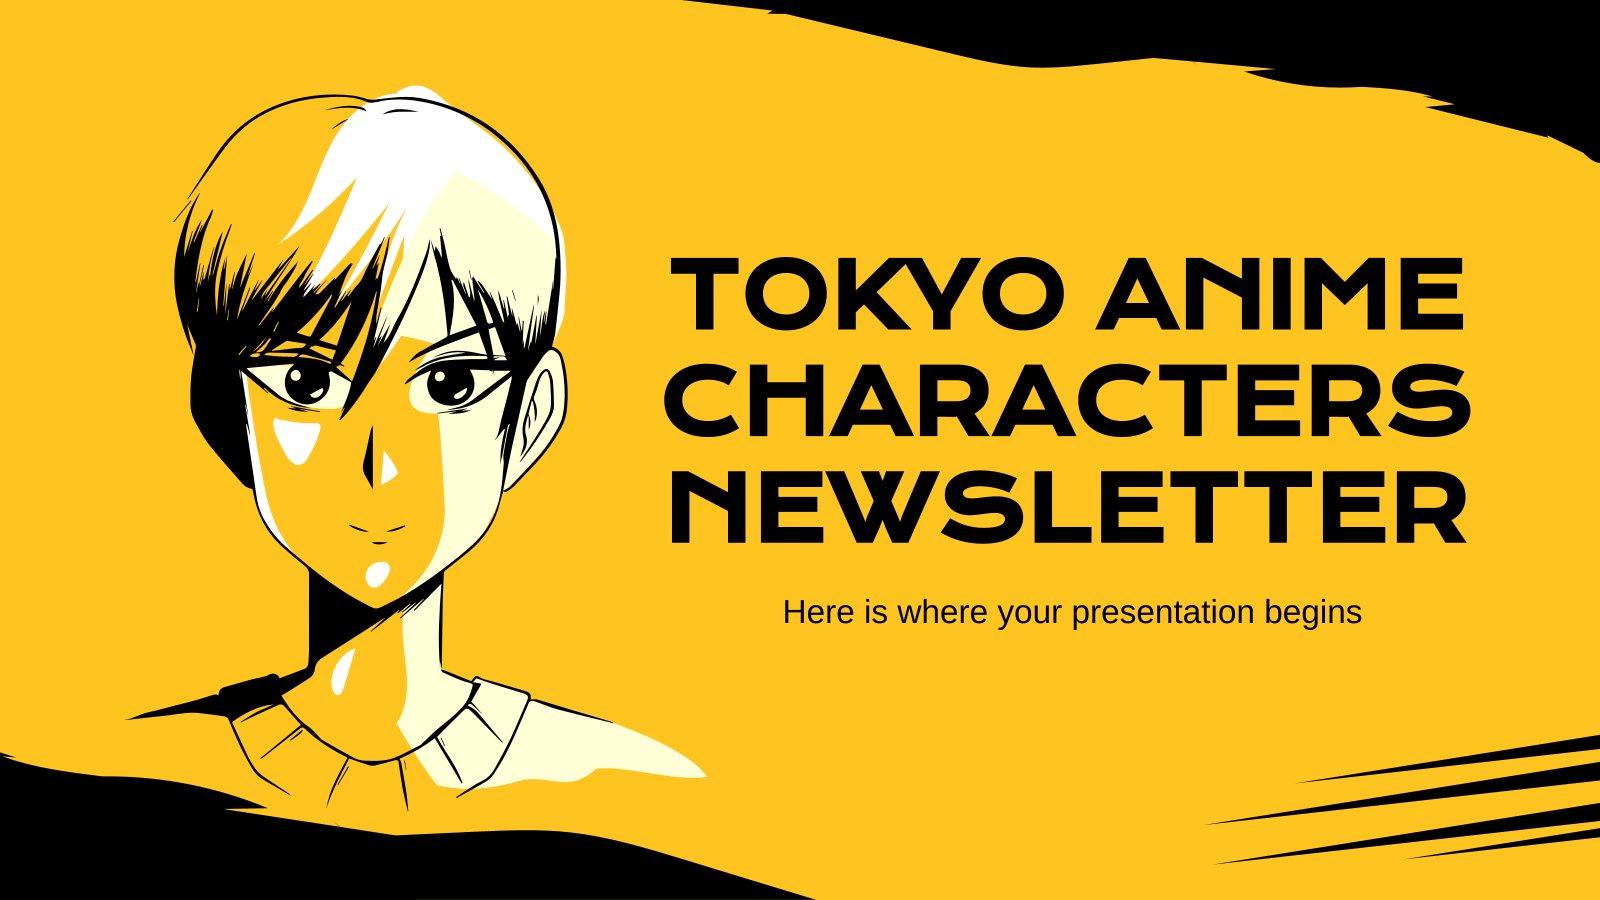 Plantilla de presentación Newsletter con personajes de anime